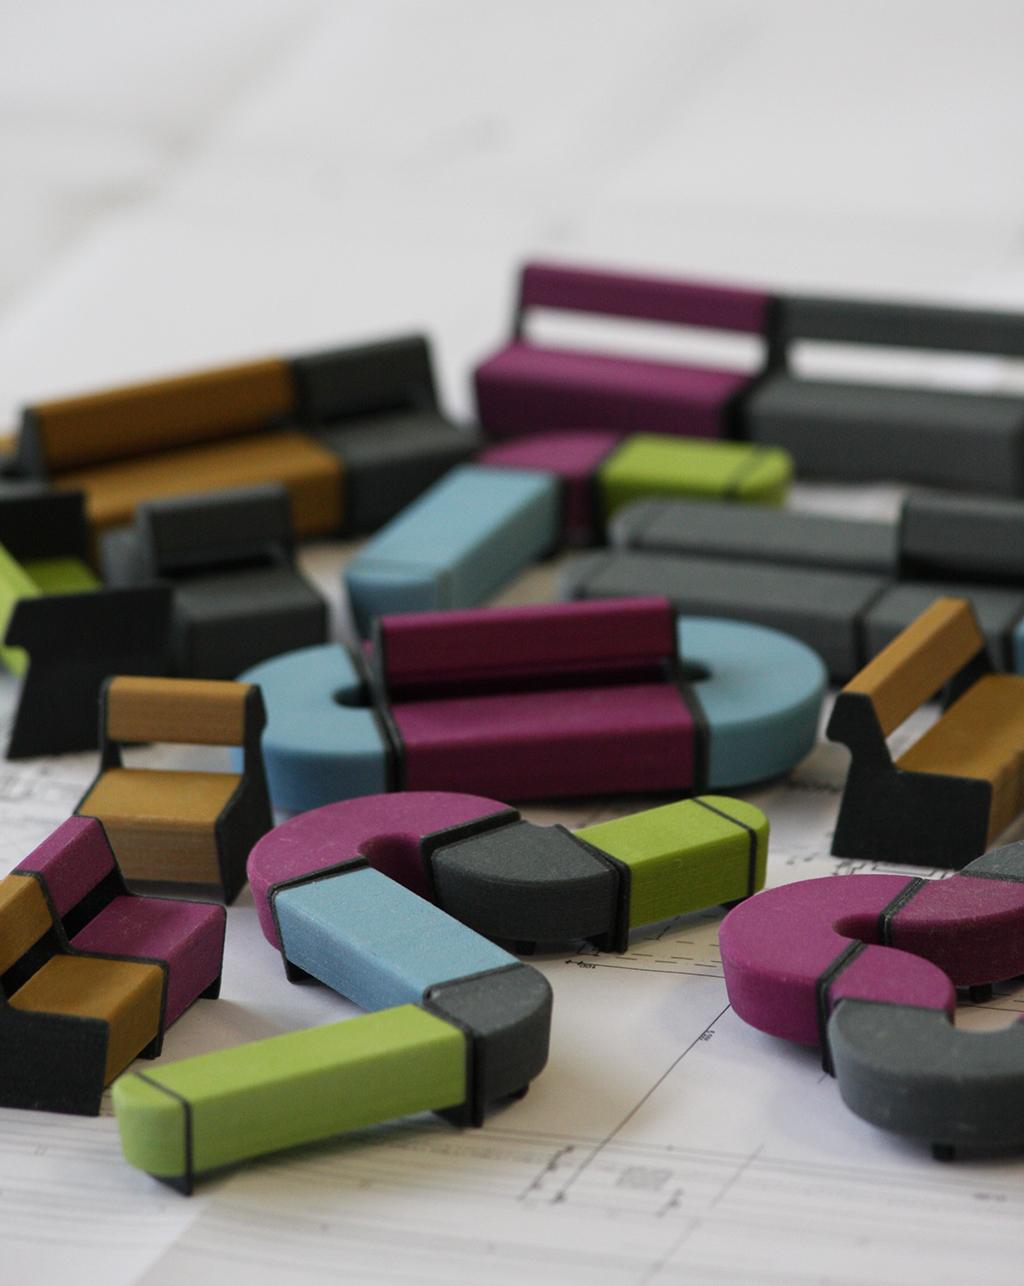 3D printed magnes